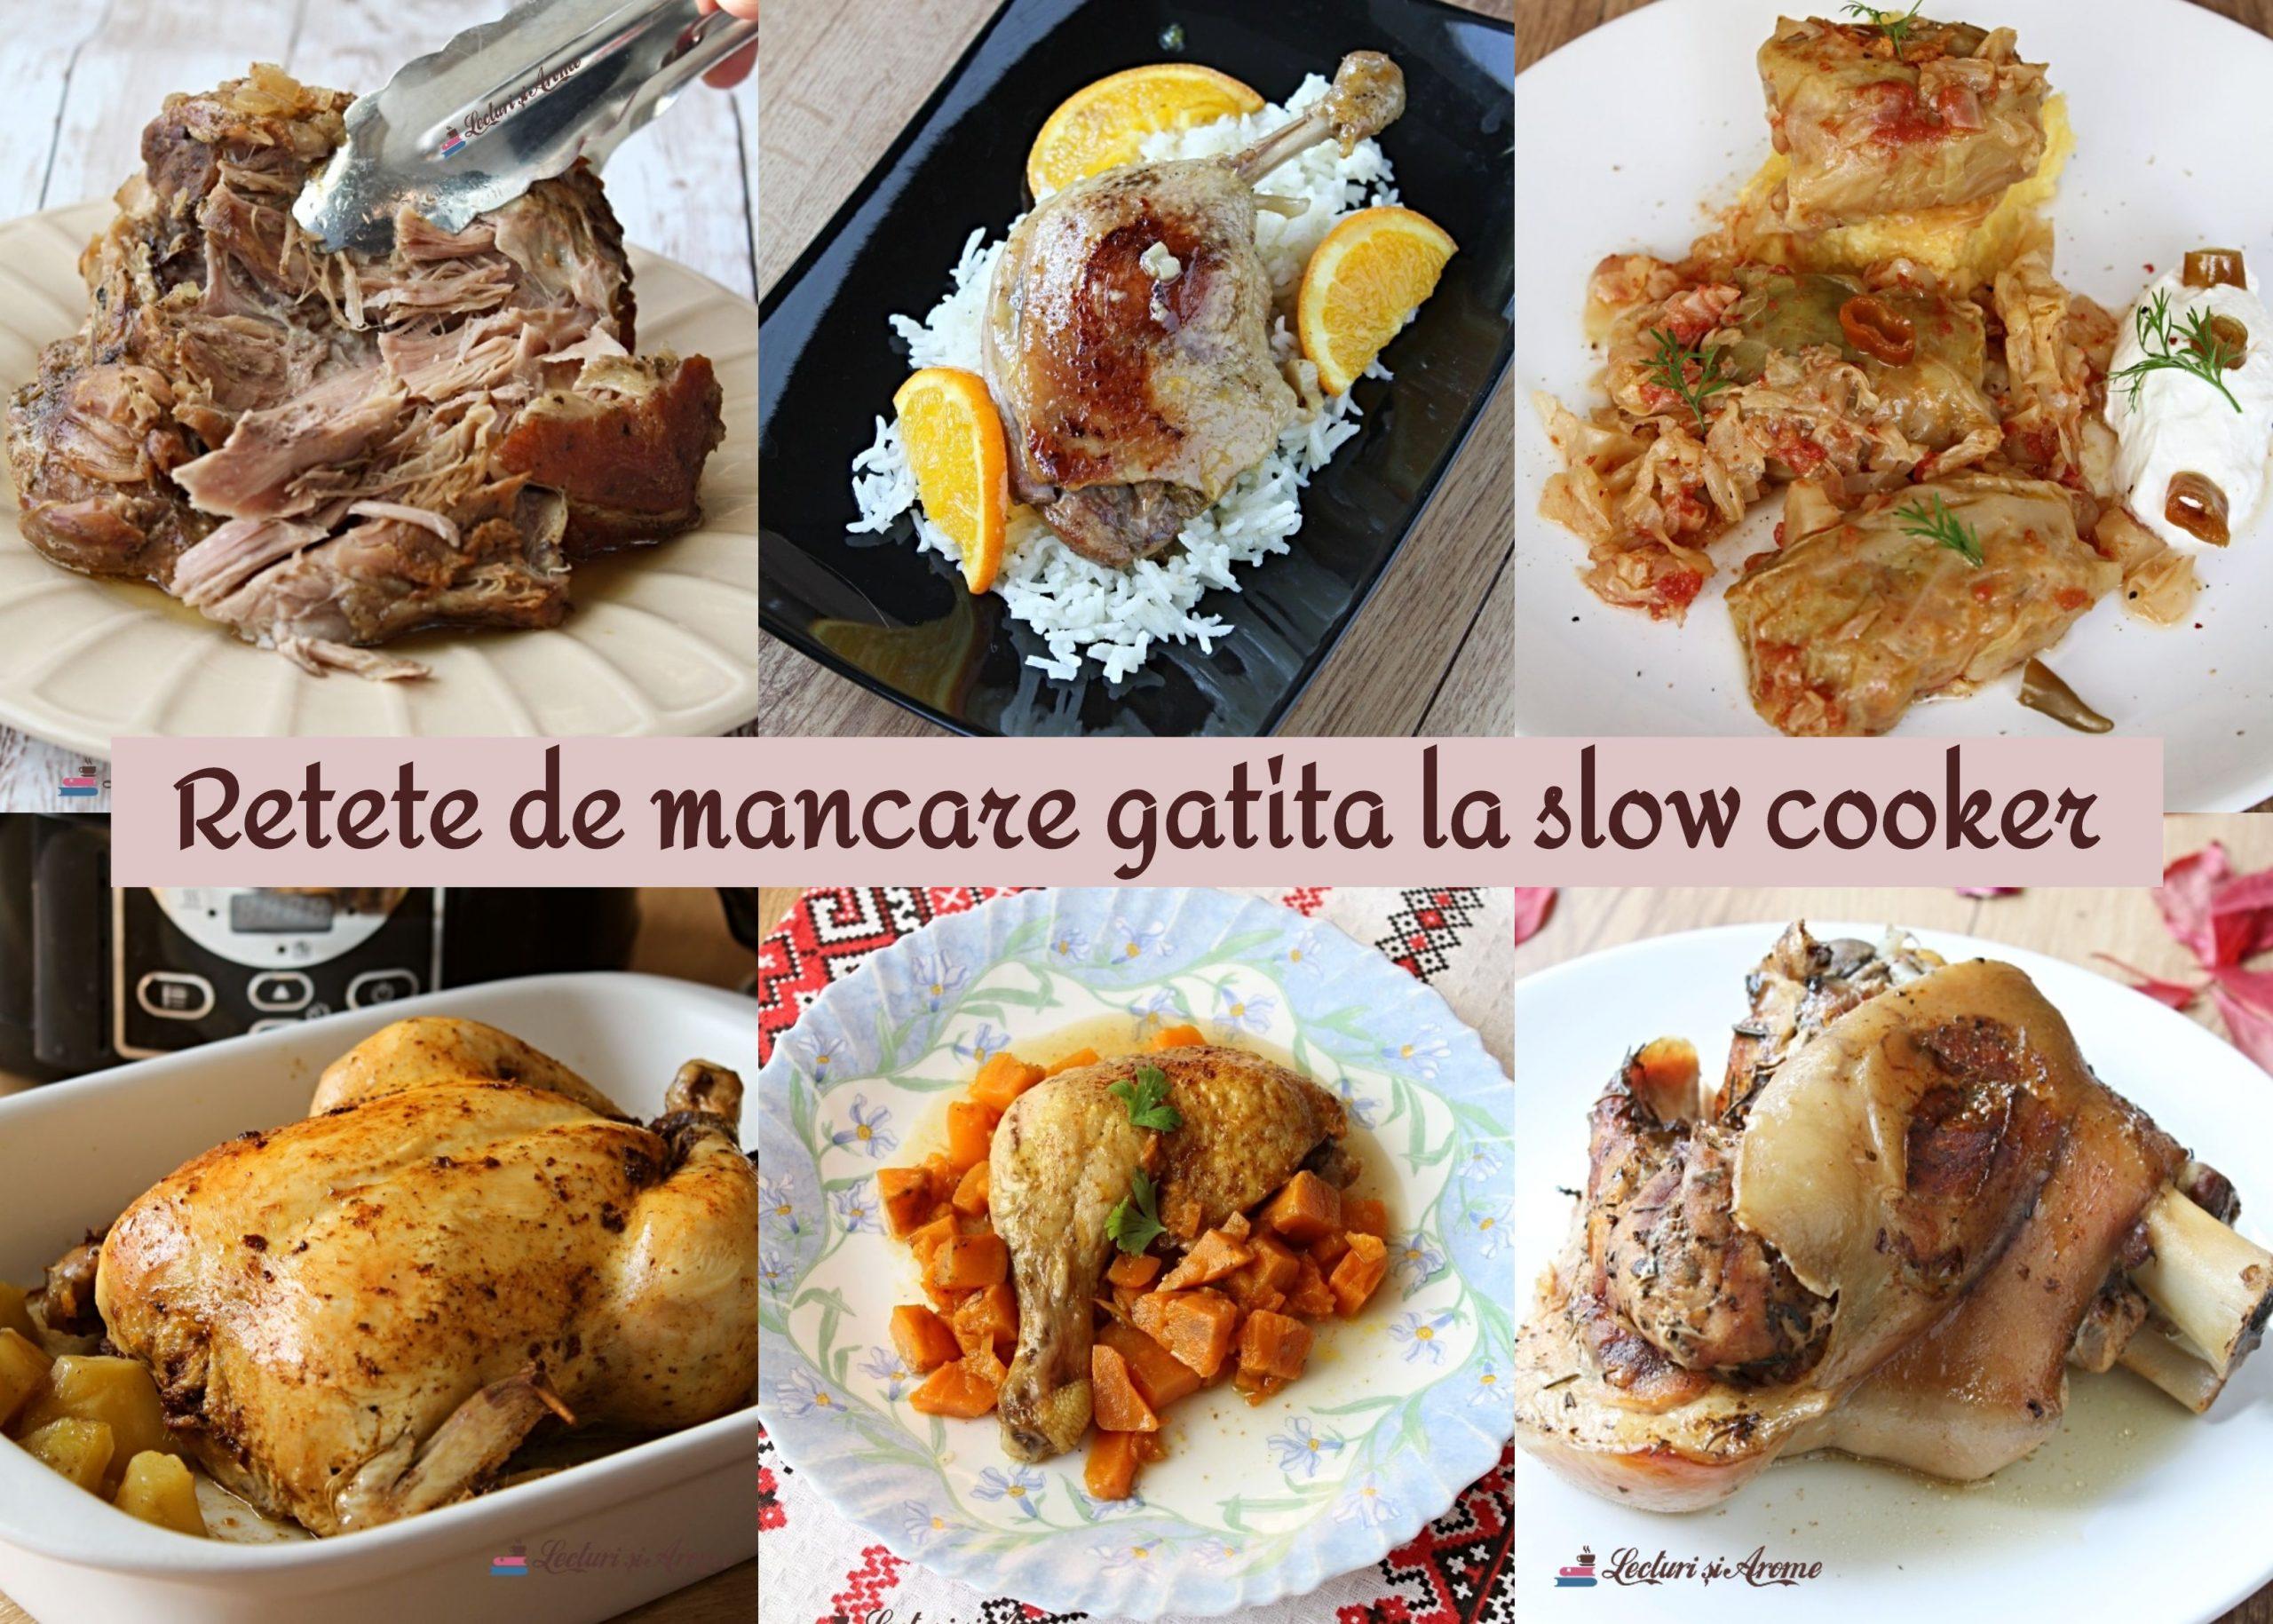 rețete de mâncare la slow cooker